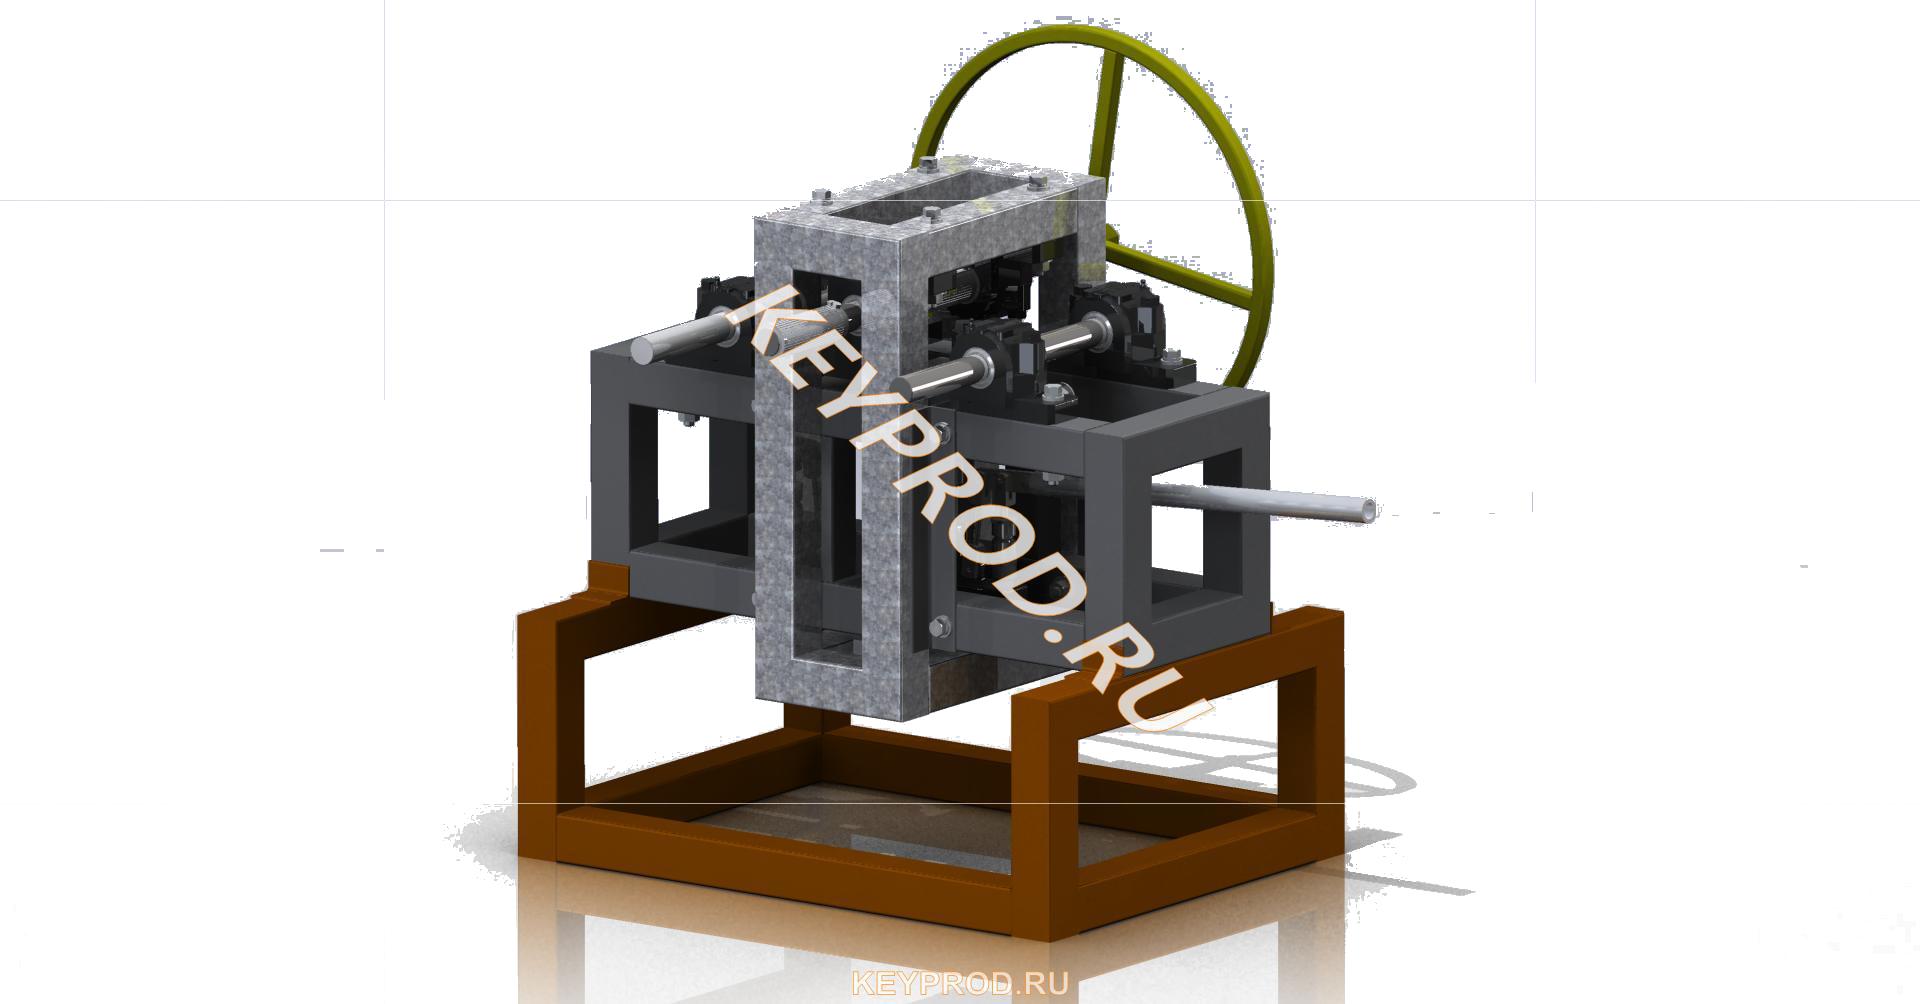 Трубогиб гидравлический ручной 3D-модель iges